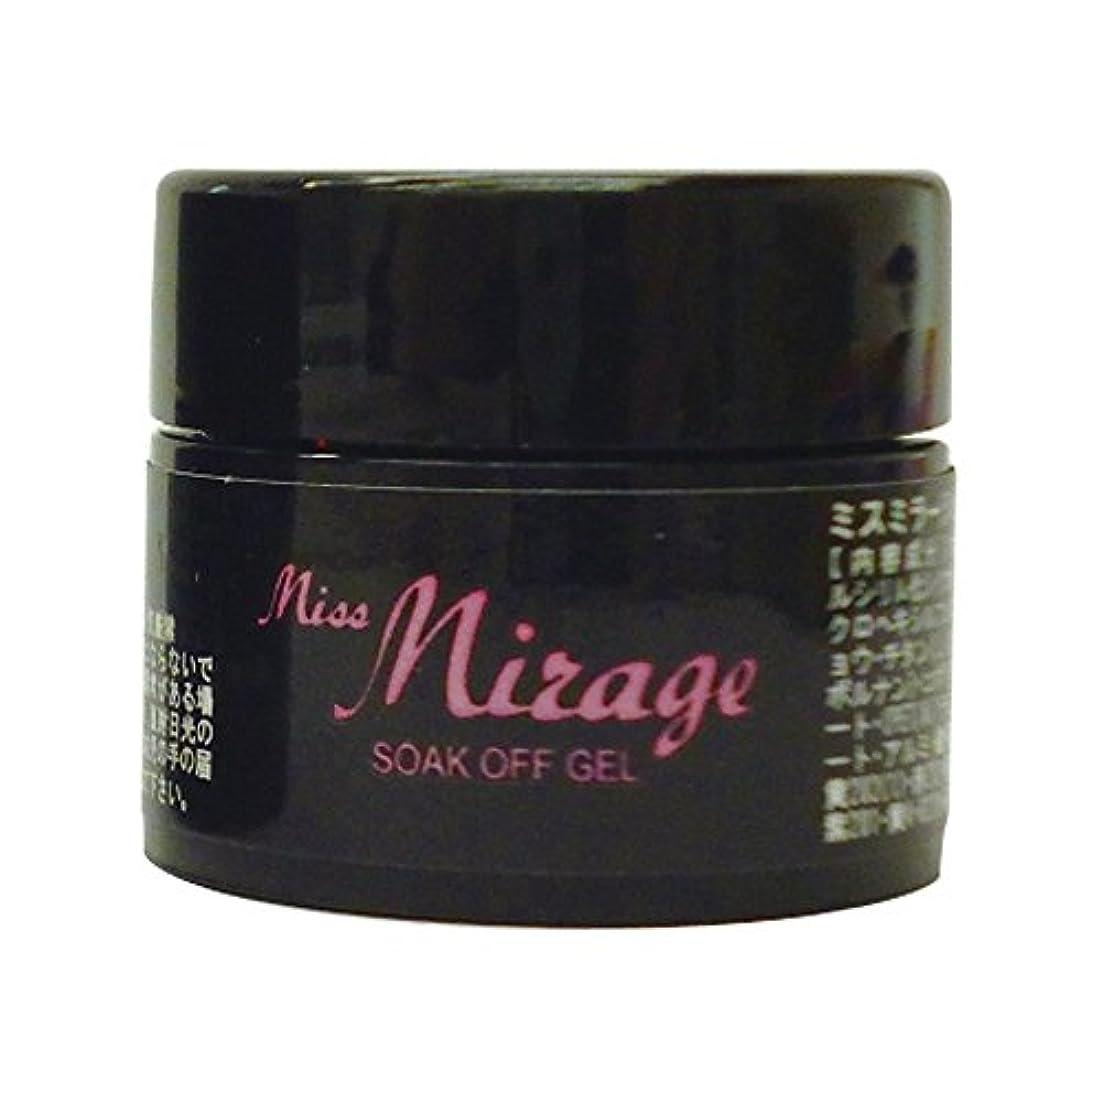 神経目指す寄生虫Miss Mirage(ミスミラージュ) Miss Mirage カラージェル M146S 2.5g スモーキーボルドー UV/LED対応 ジェルネイル